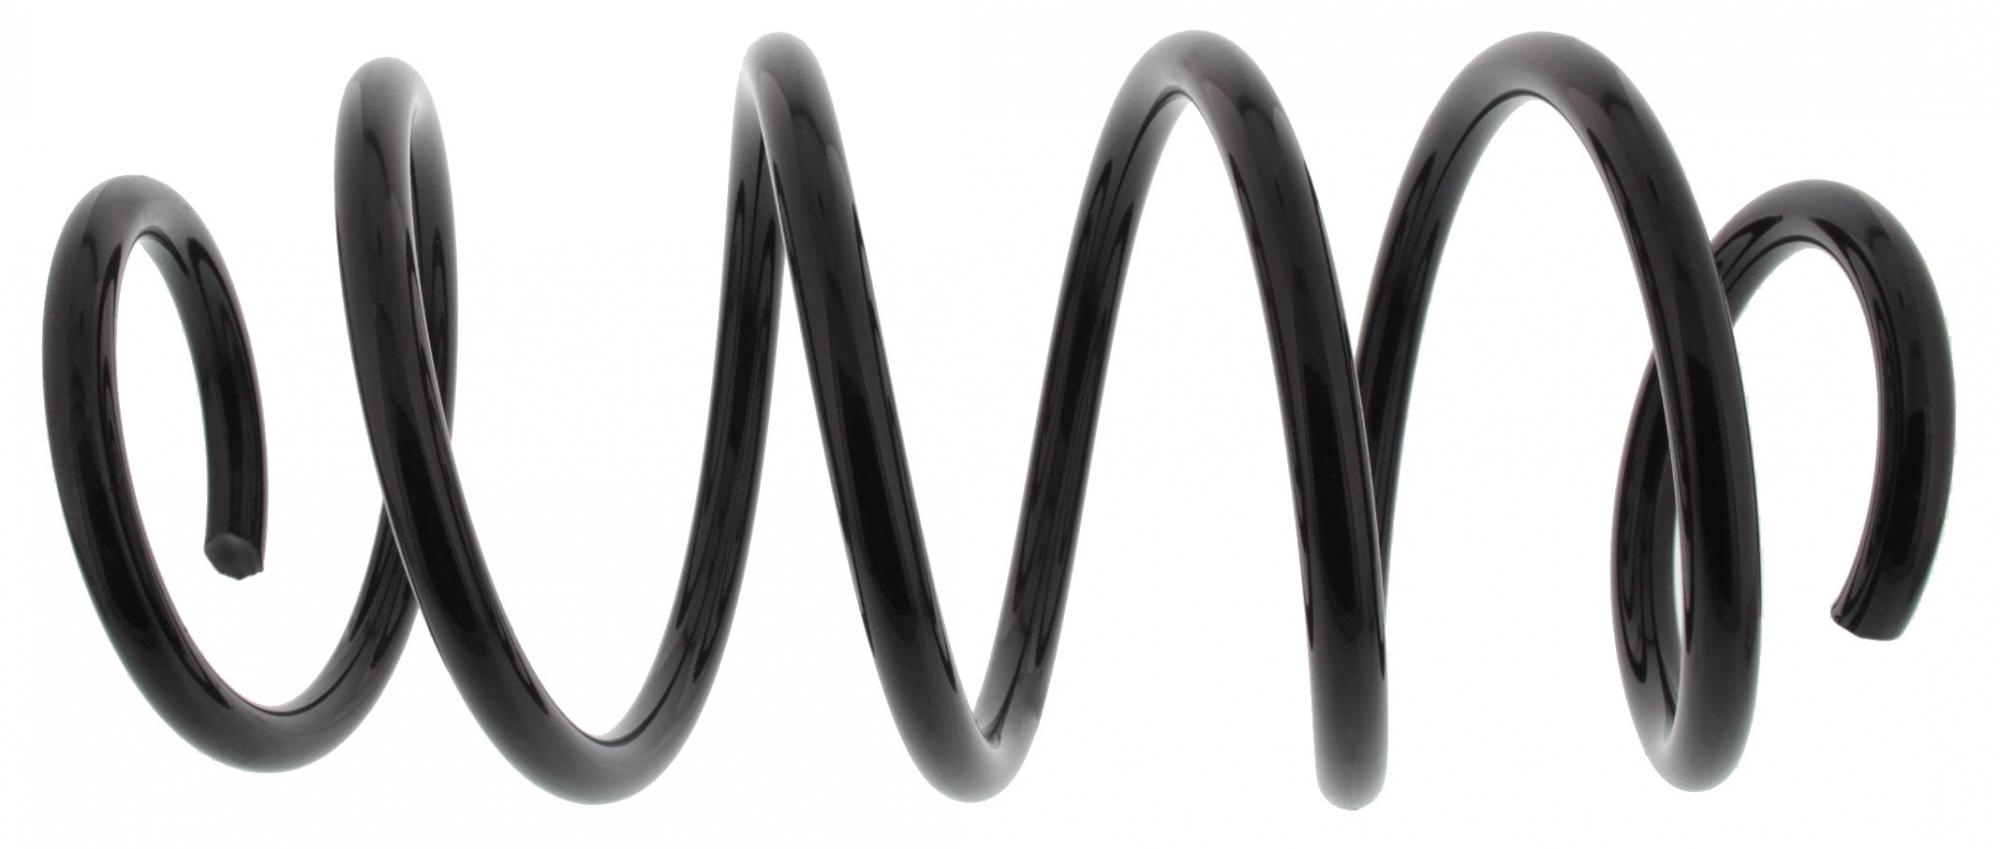 MAPCO 71875 coil spring